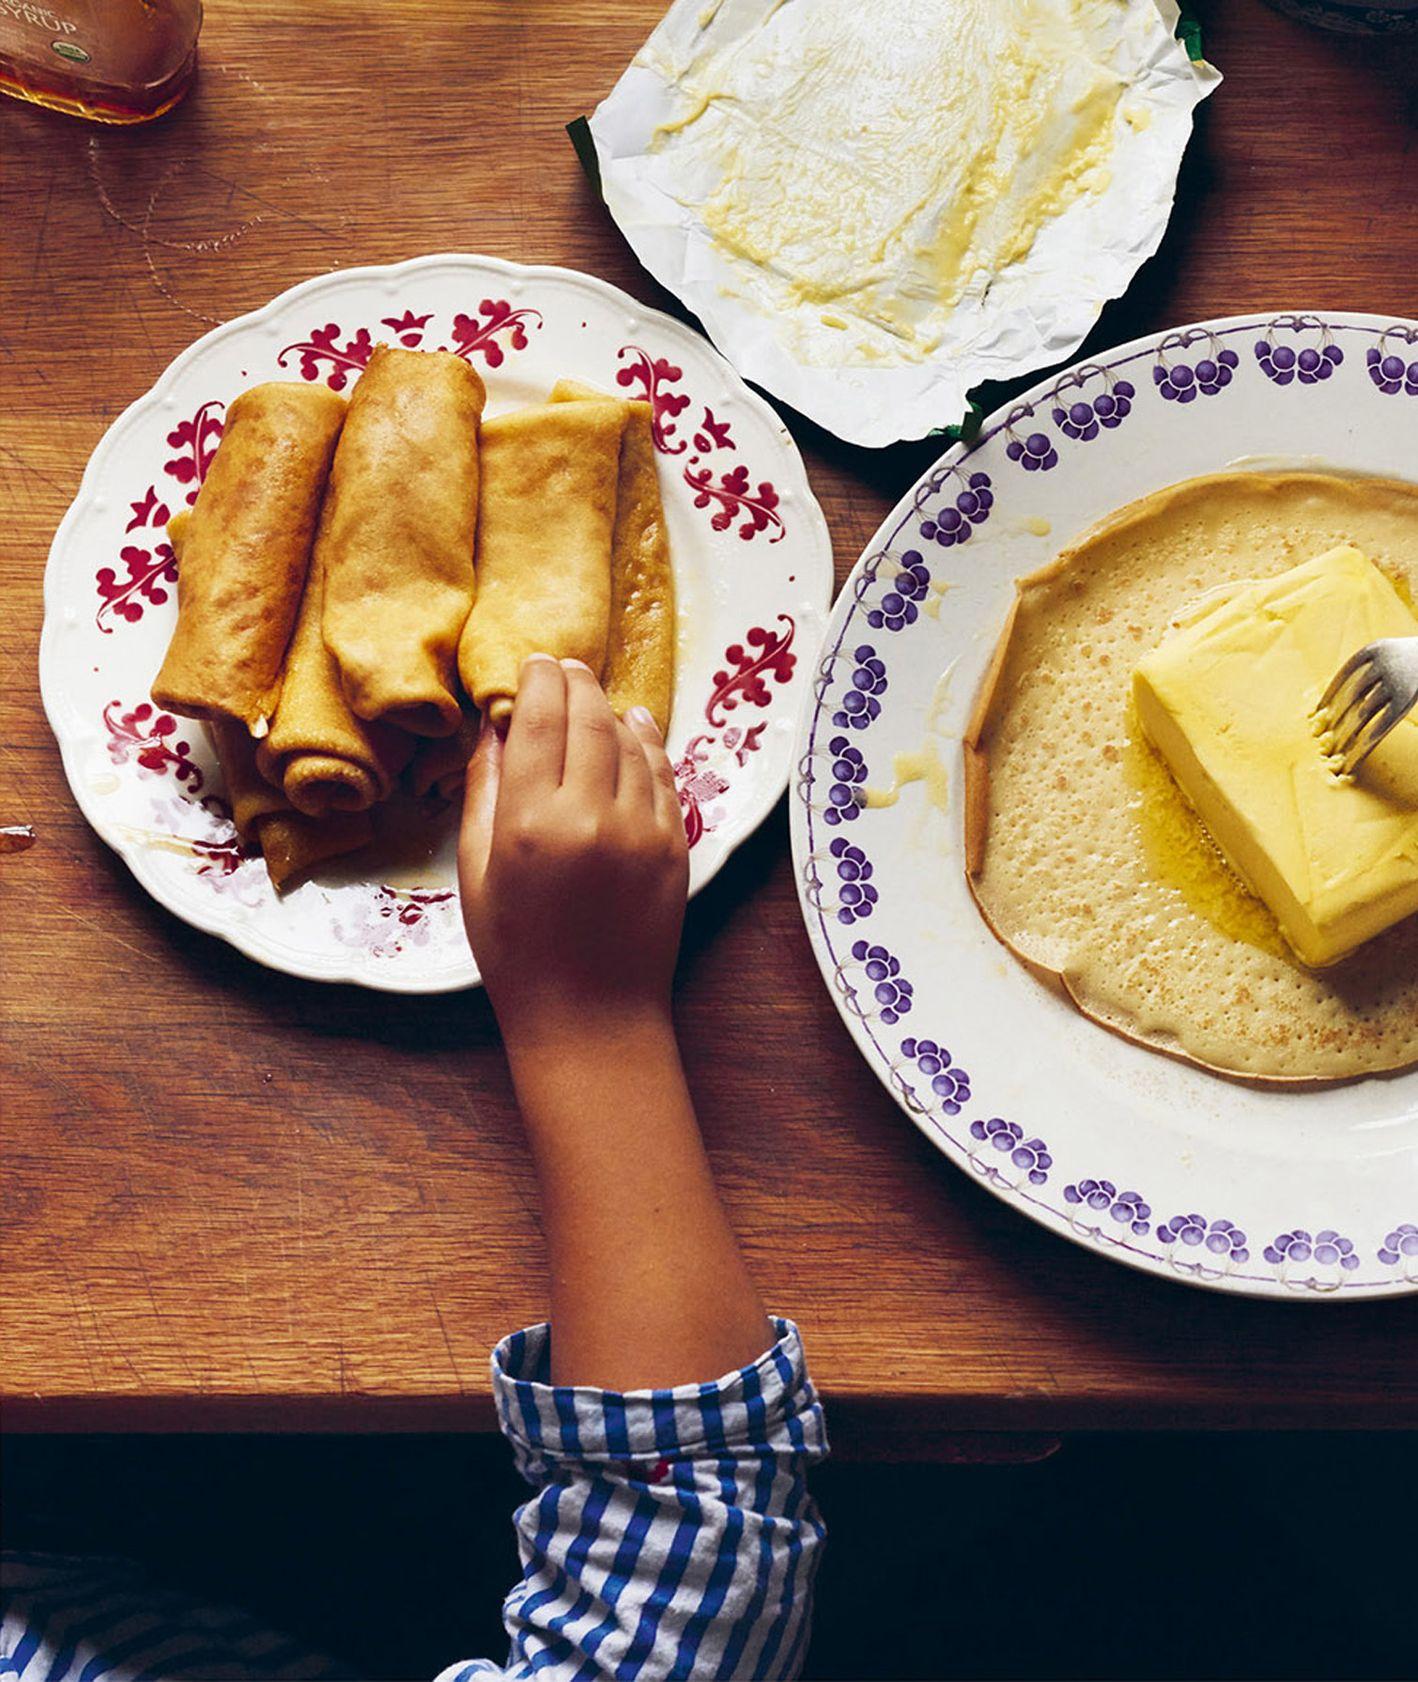 Przepis na proste naleśniki. Naleśniki dla dzieci. Jak zrobić naleśniki (fot. materiały prasowe / Sielskie Smaki)